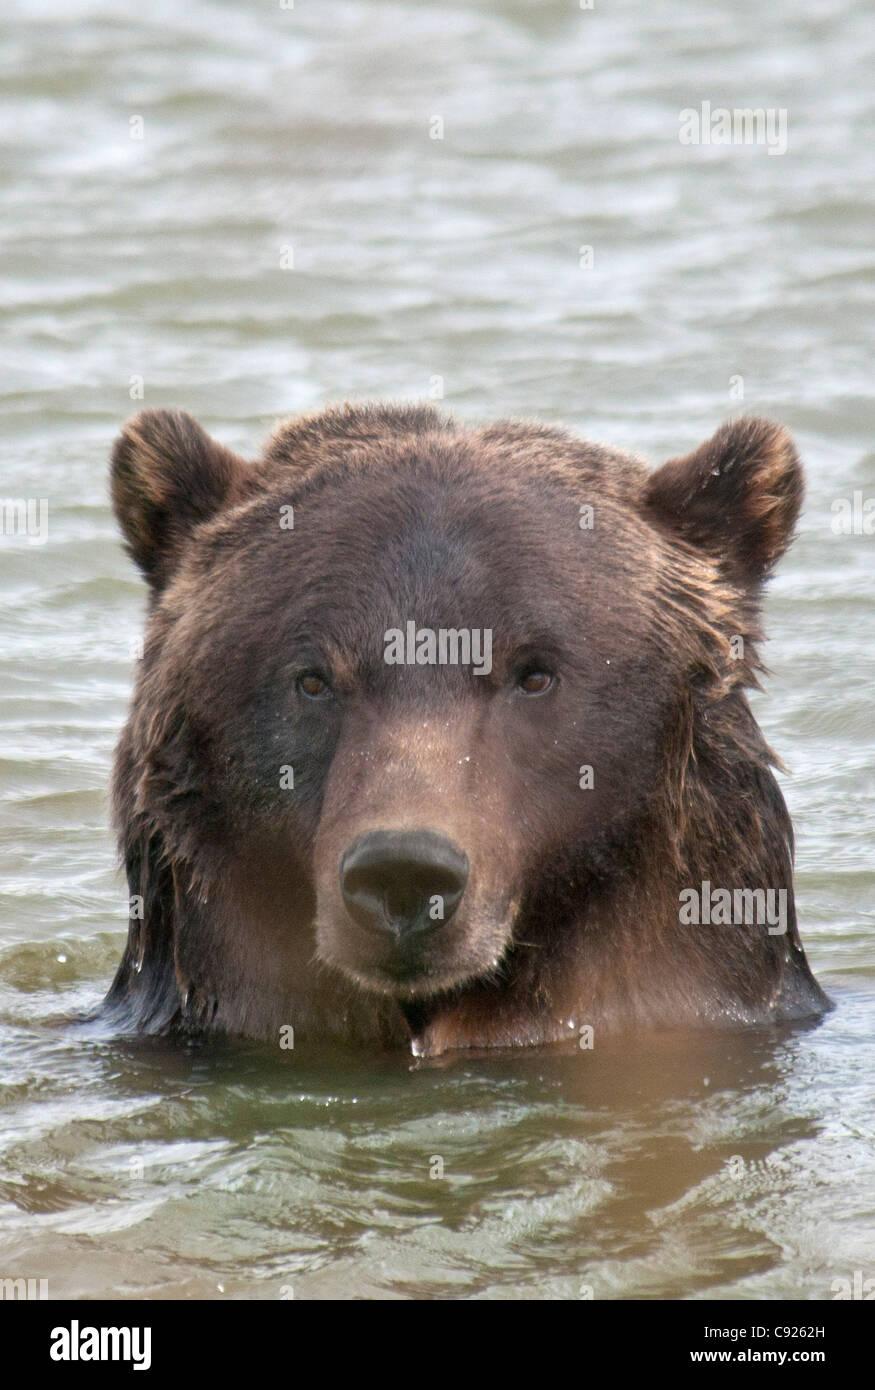 Cerca de un oso pardo en un estanque en el Centro de Conservación de la vida silvestre de Alaska, Southcentral Alaska, verano. Cautiva Foto de stock